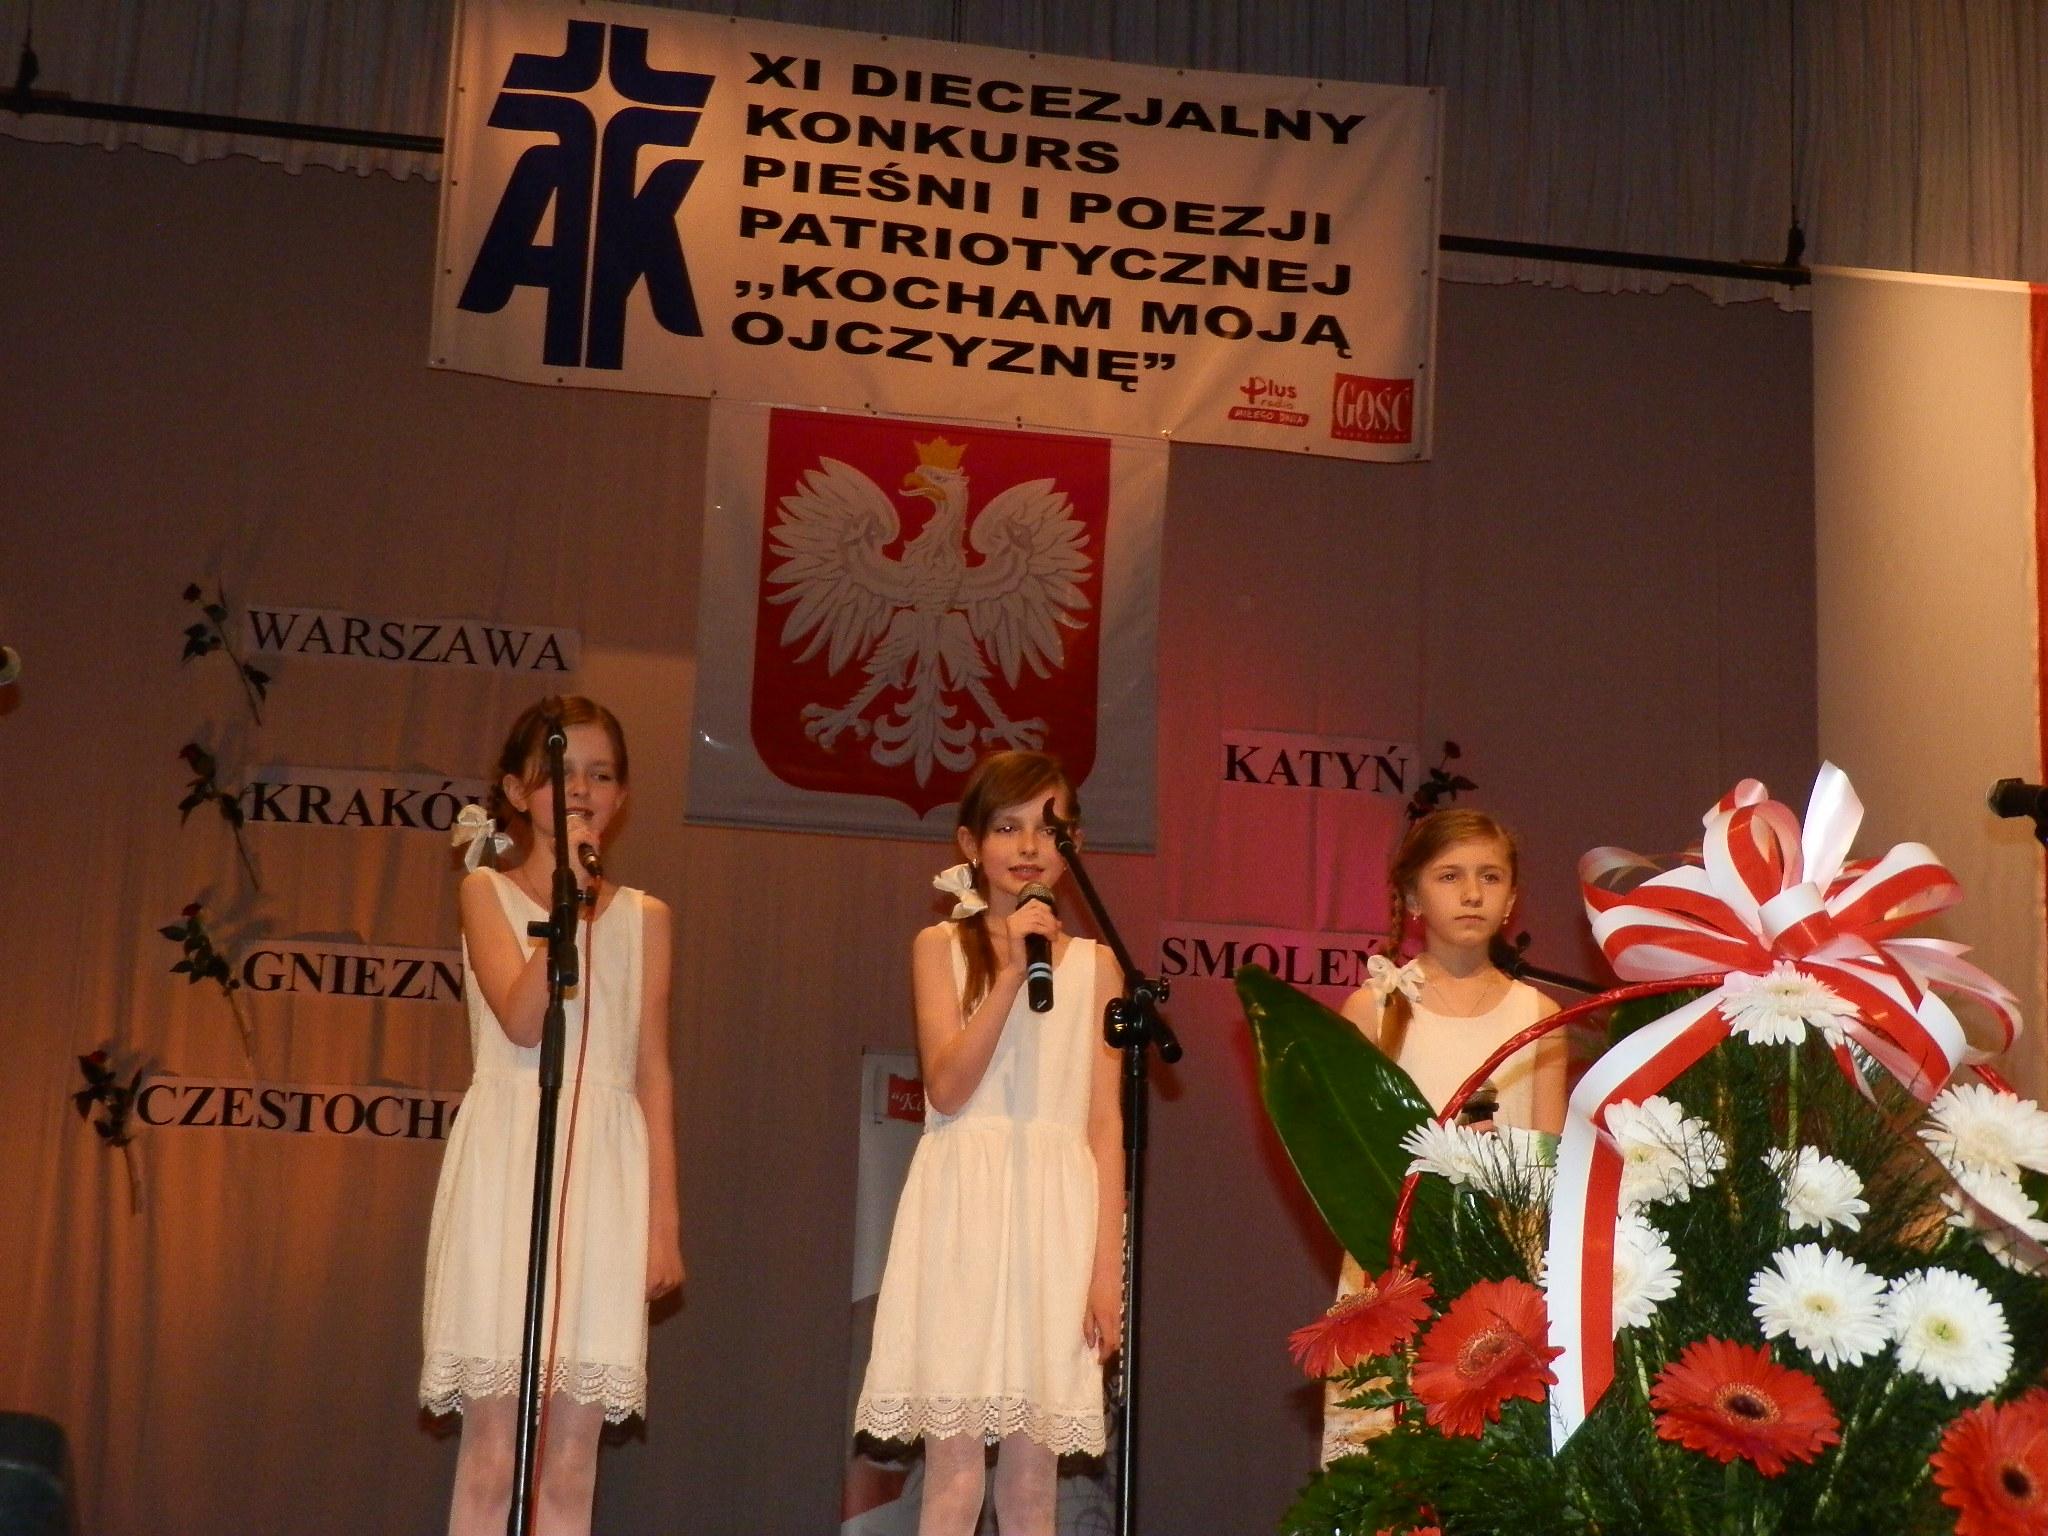 EEEERusza XV Diecezjalny Konkurs Pieśni i Poezji Patriotycznej